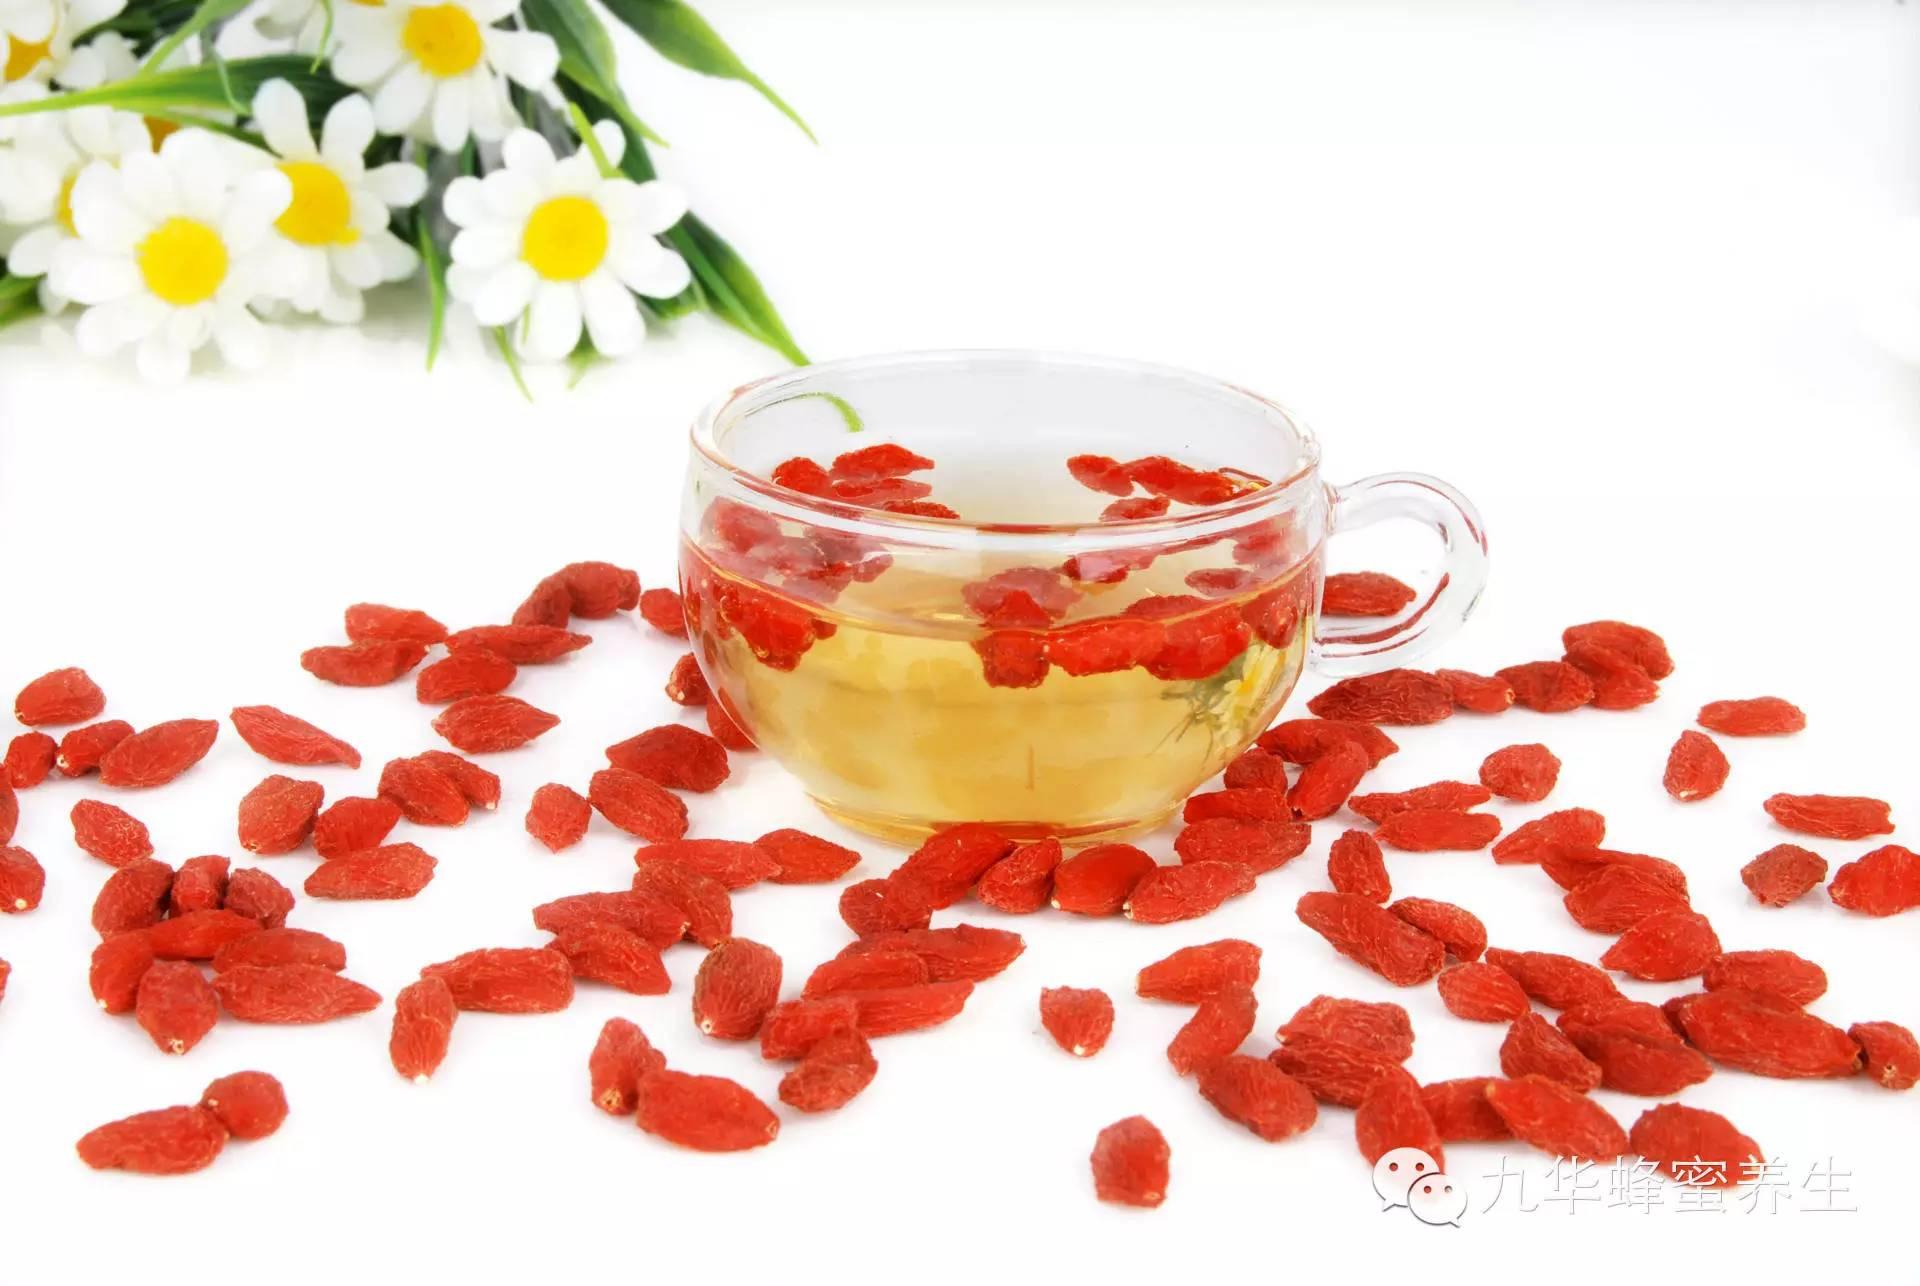 蜂蜜礼品盒 蜂蜜减肥法 蜂品种 食用蜂蜜 首乌